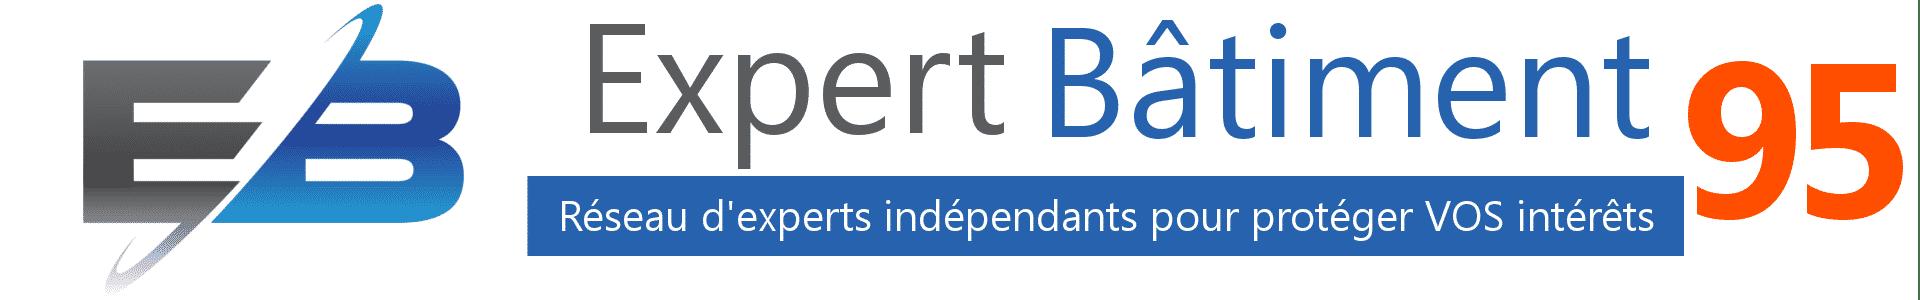 expert_batiment_95